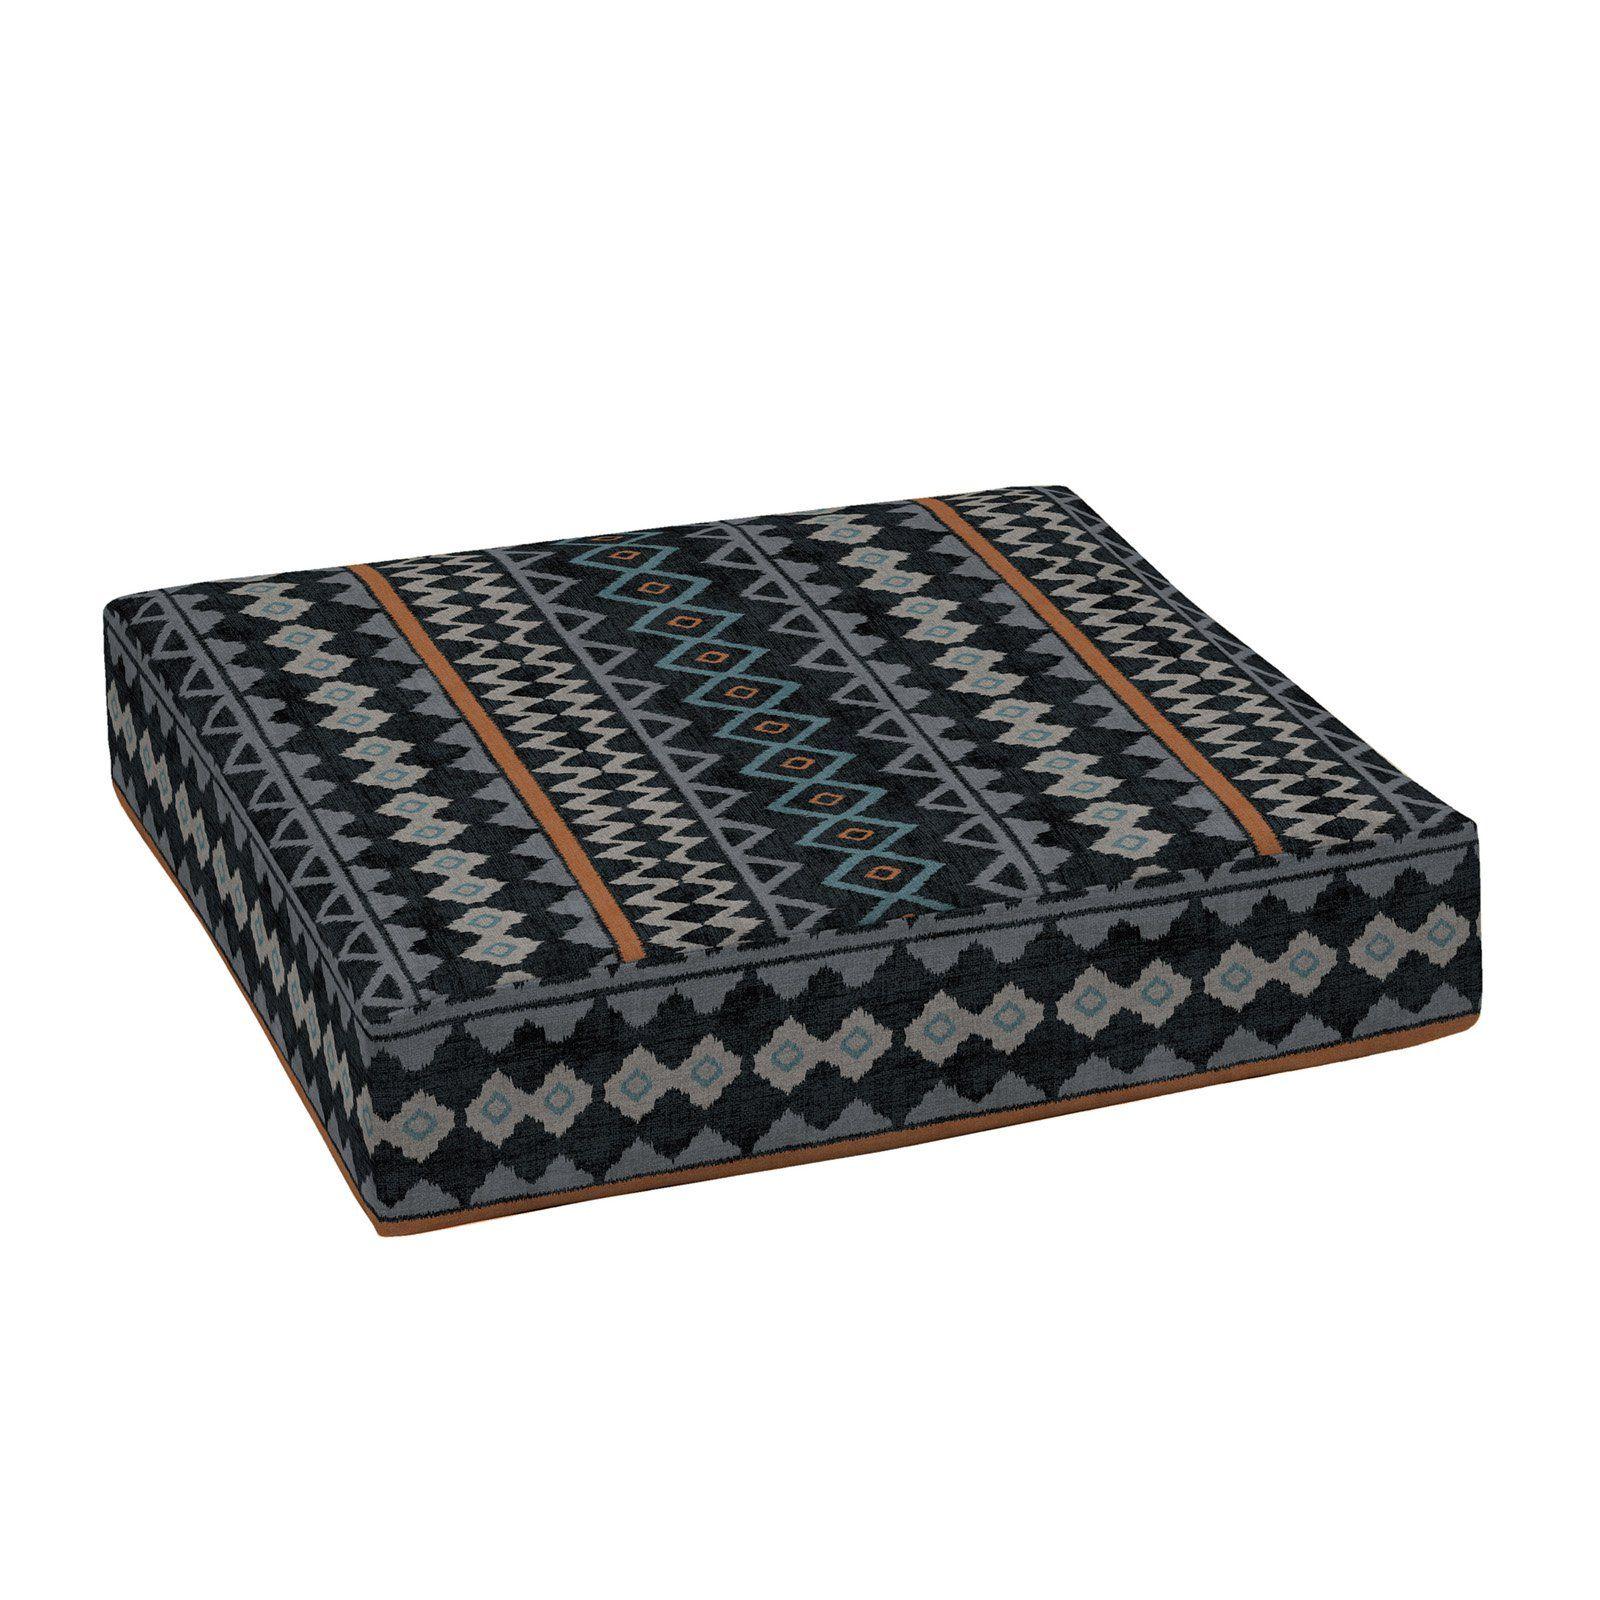 fe148f33b7e001d107bae2b2f1b42284 - Better Homes & Gardens Outdoor Patio Deep Seating Chair Cushion